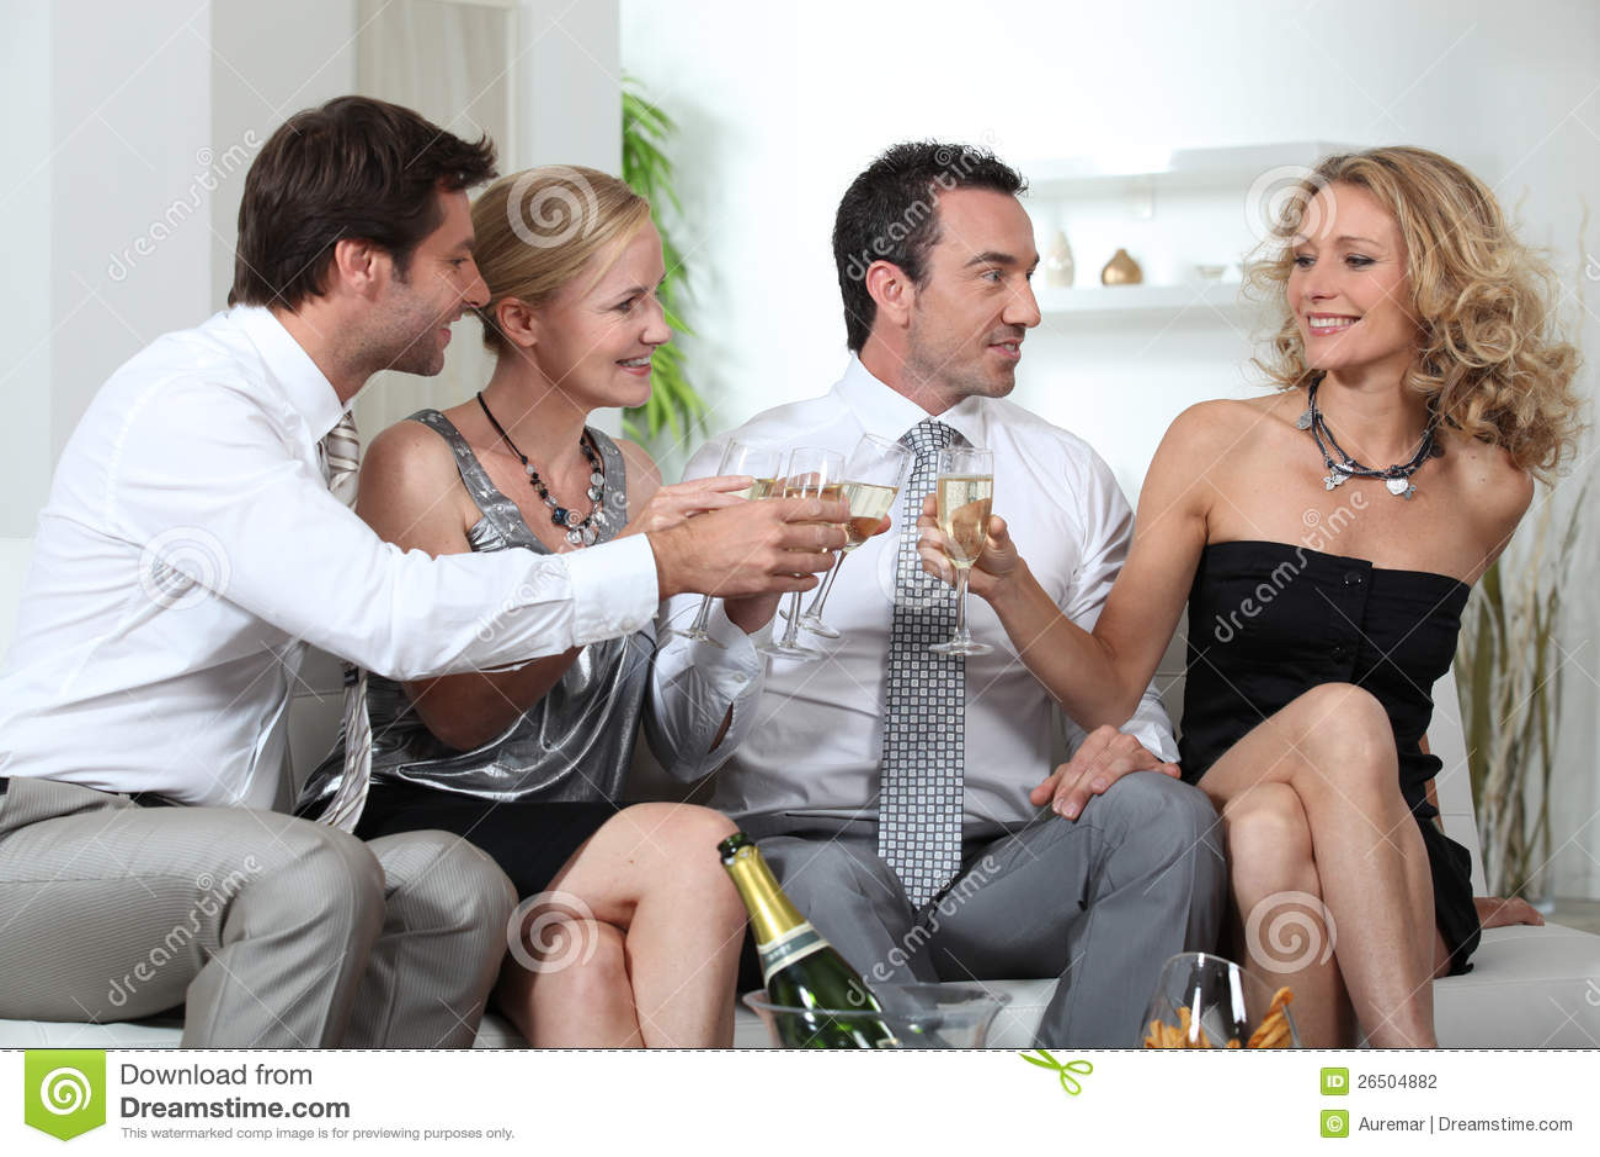 Частное порно фото голые зрелые мамки и жены